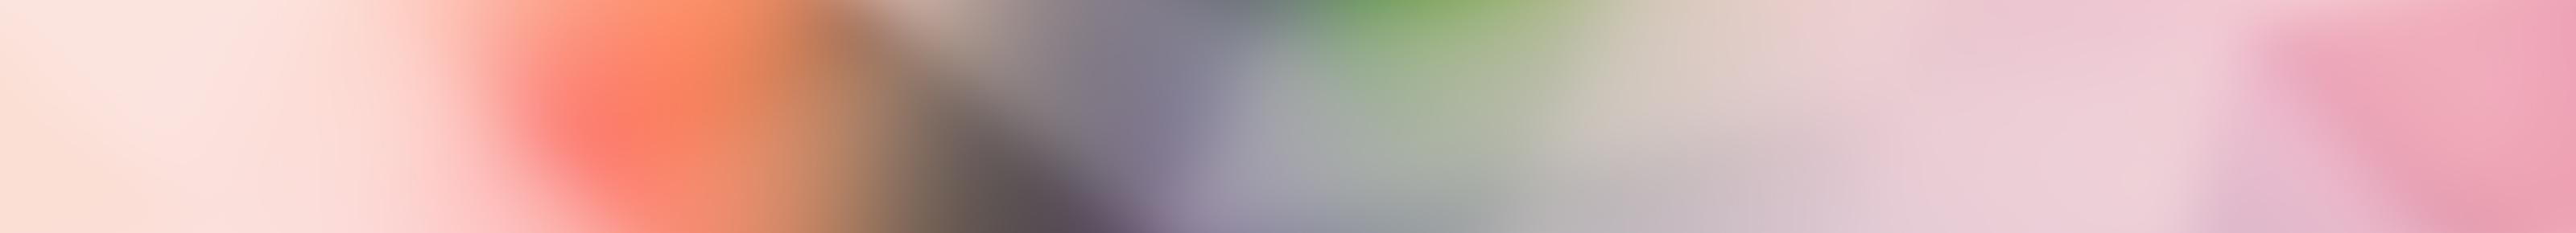 Portfolio wallpaper d 962ea9228fe76d6476c46f469bcb760d20fd90243ca940a2240216780ea1a3de